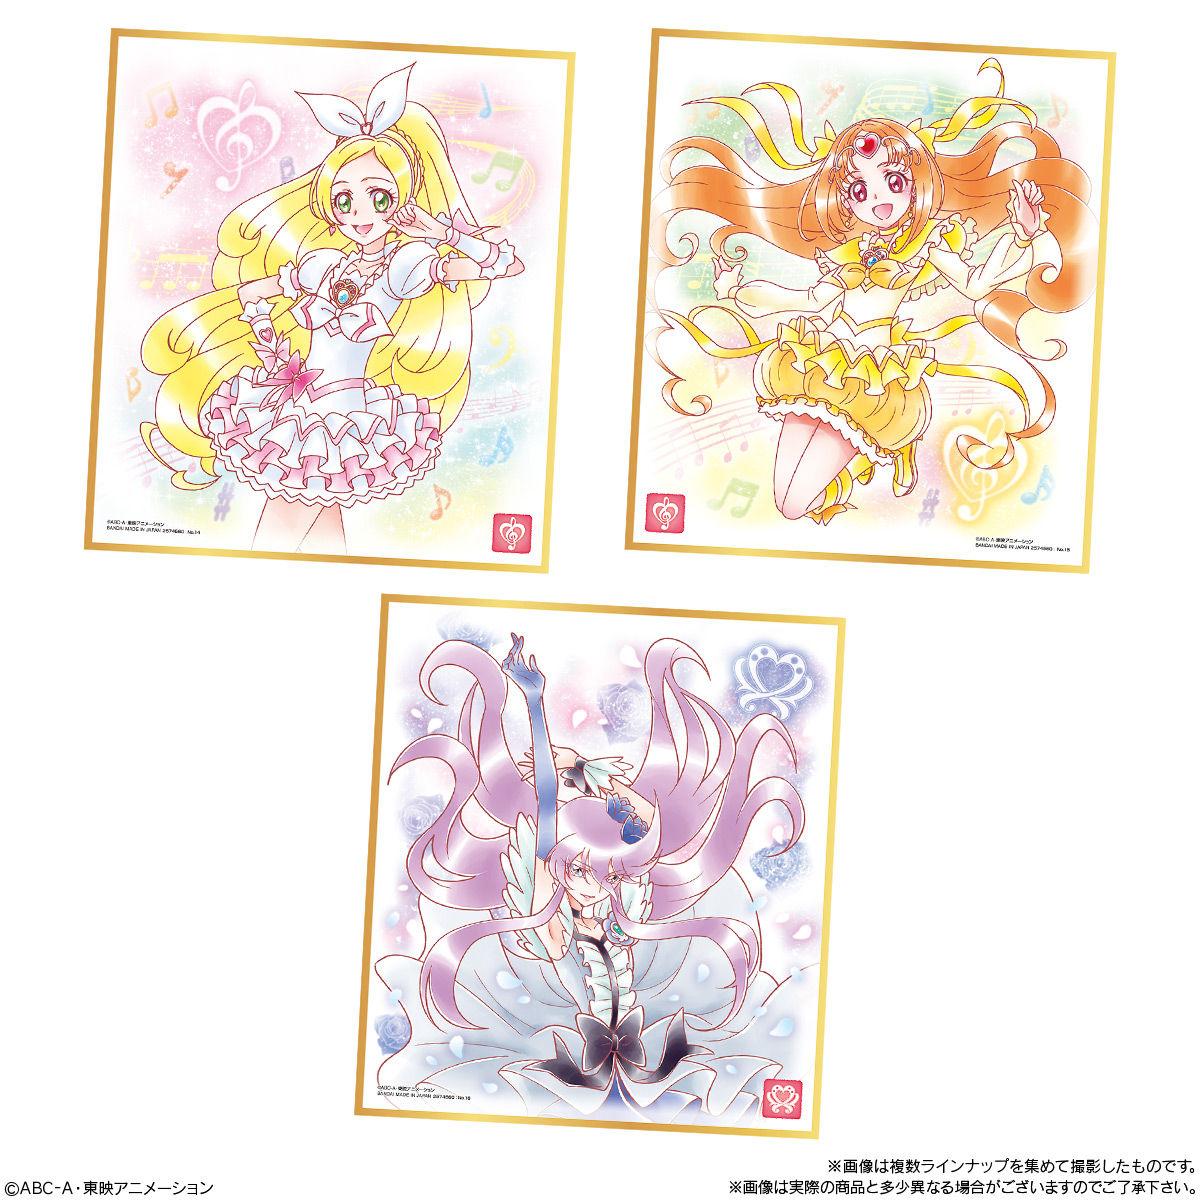 プリキュア 色紙ART5_5